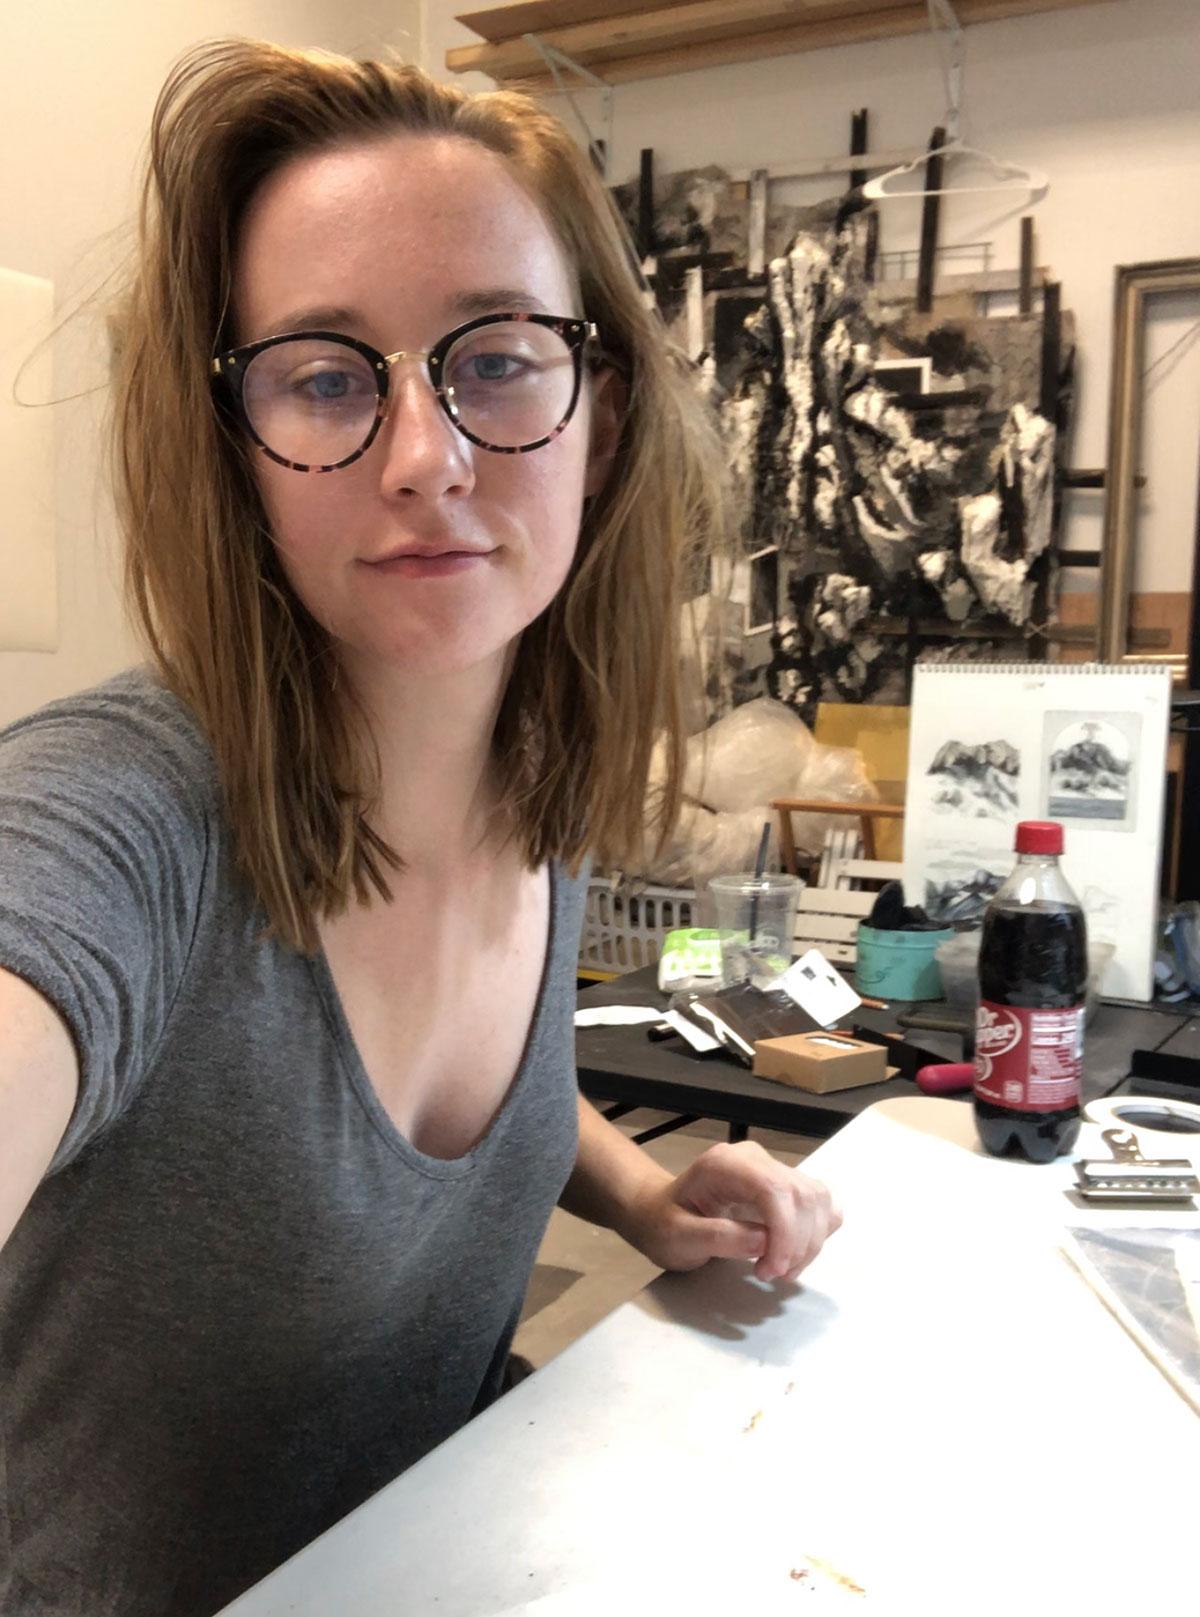 Taylor Bailey